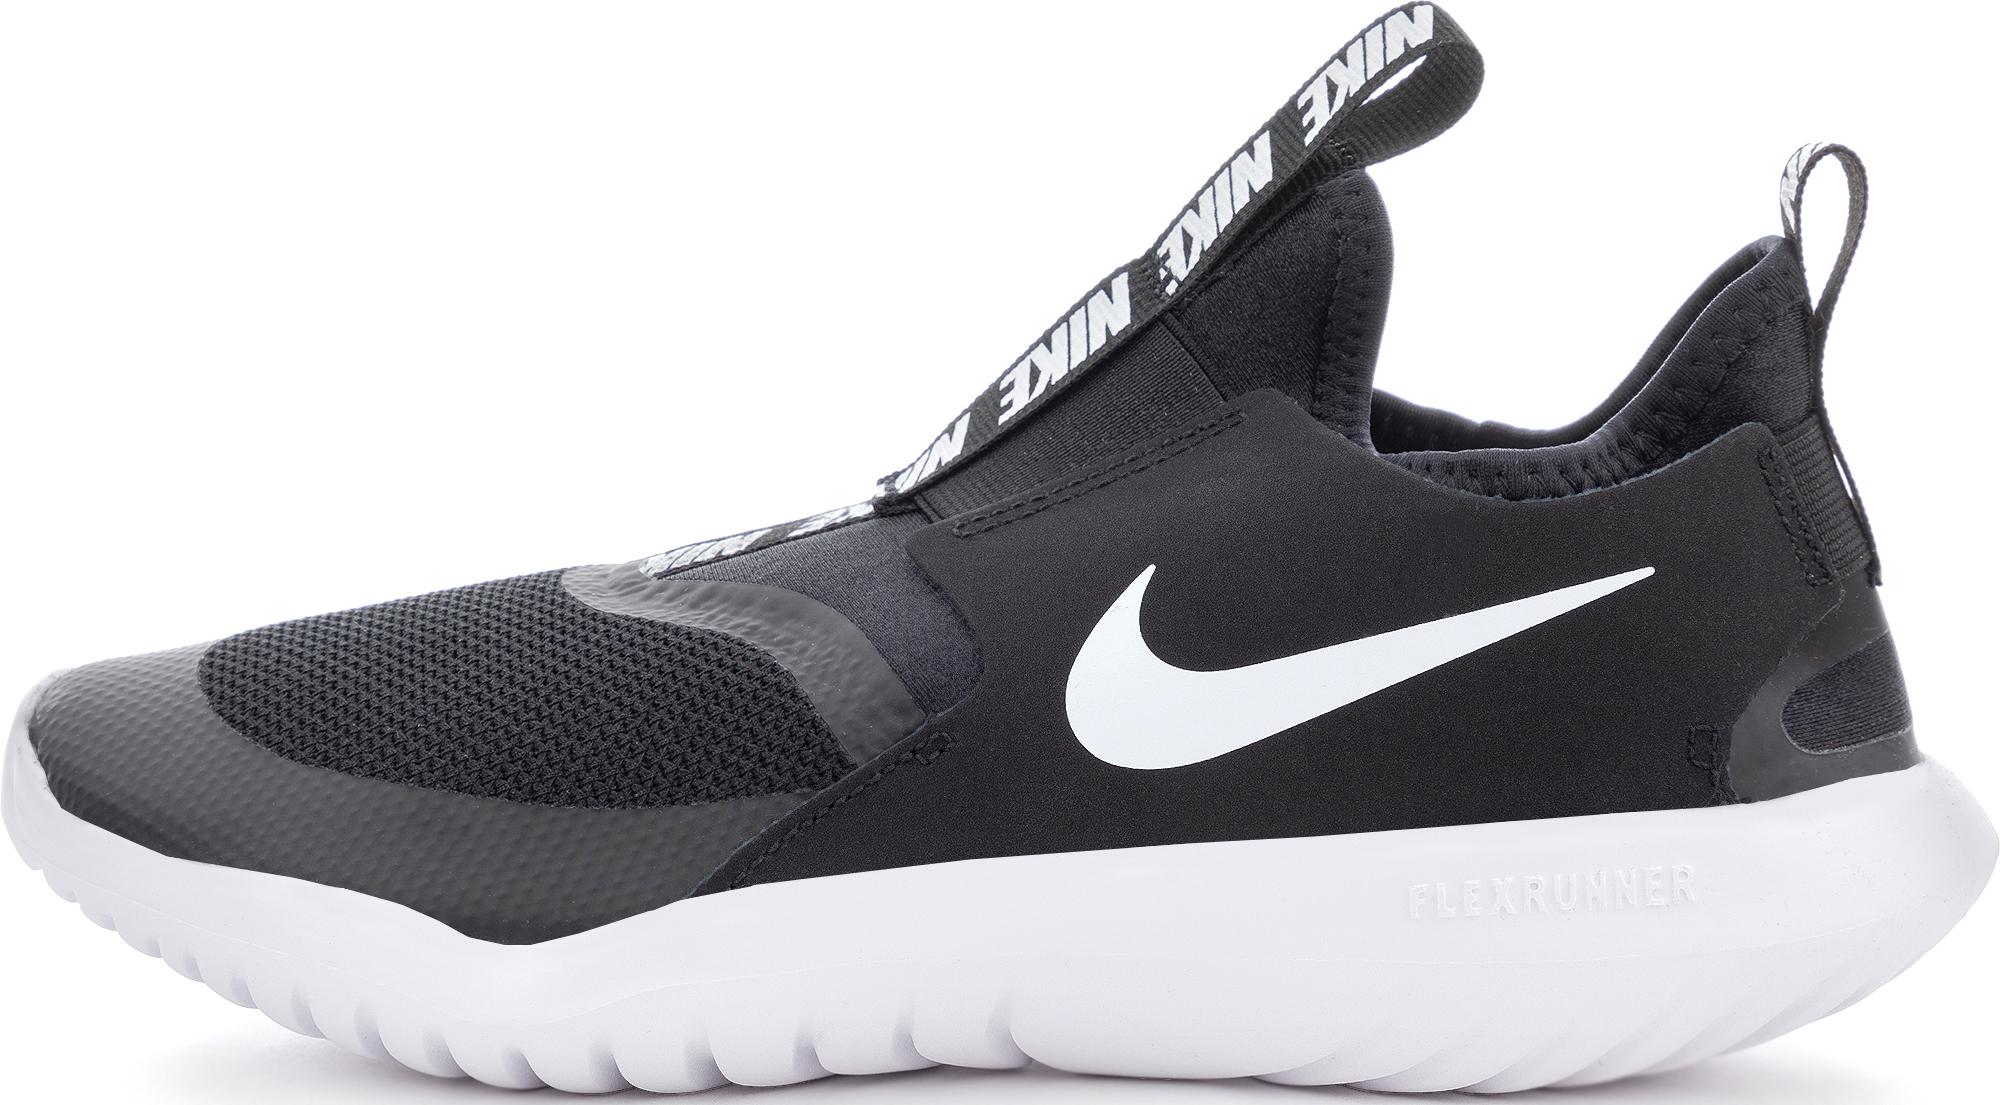 Nike Кроссовки детские Nike Flex Runner (Gs), размер 38 цена